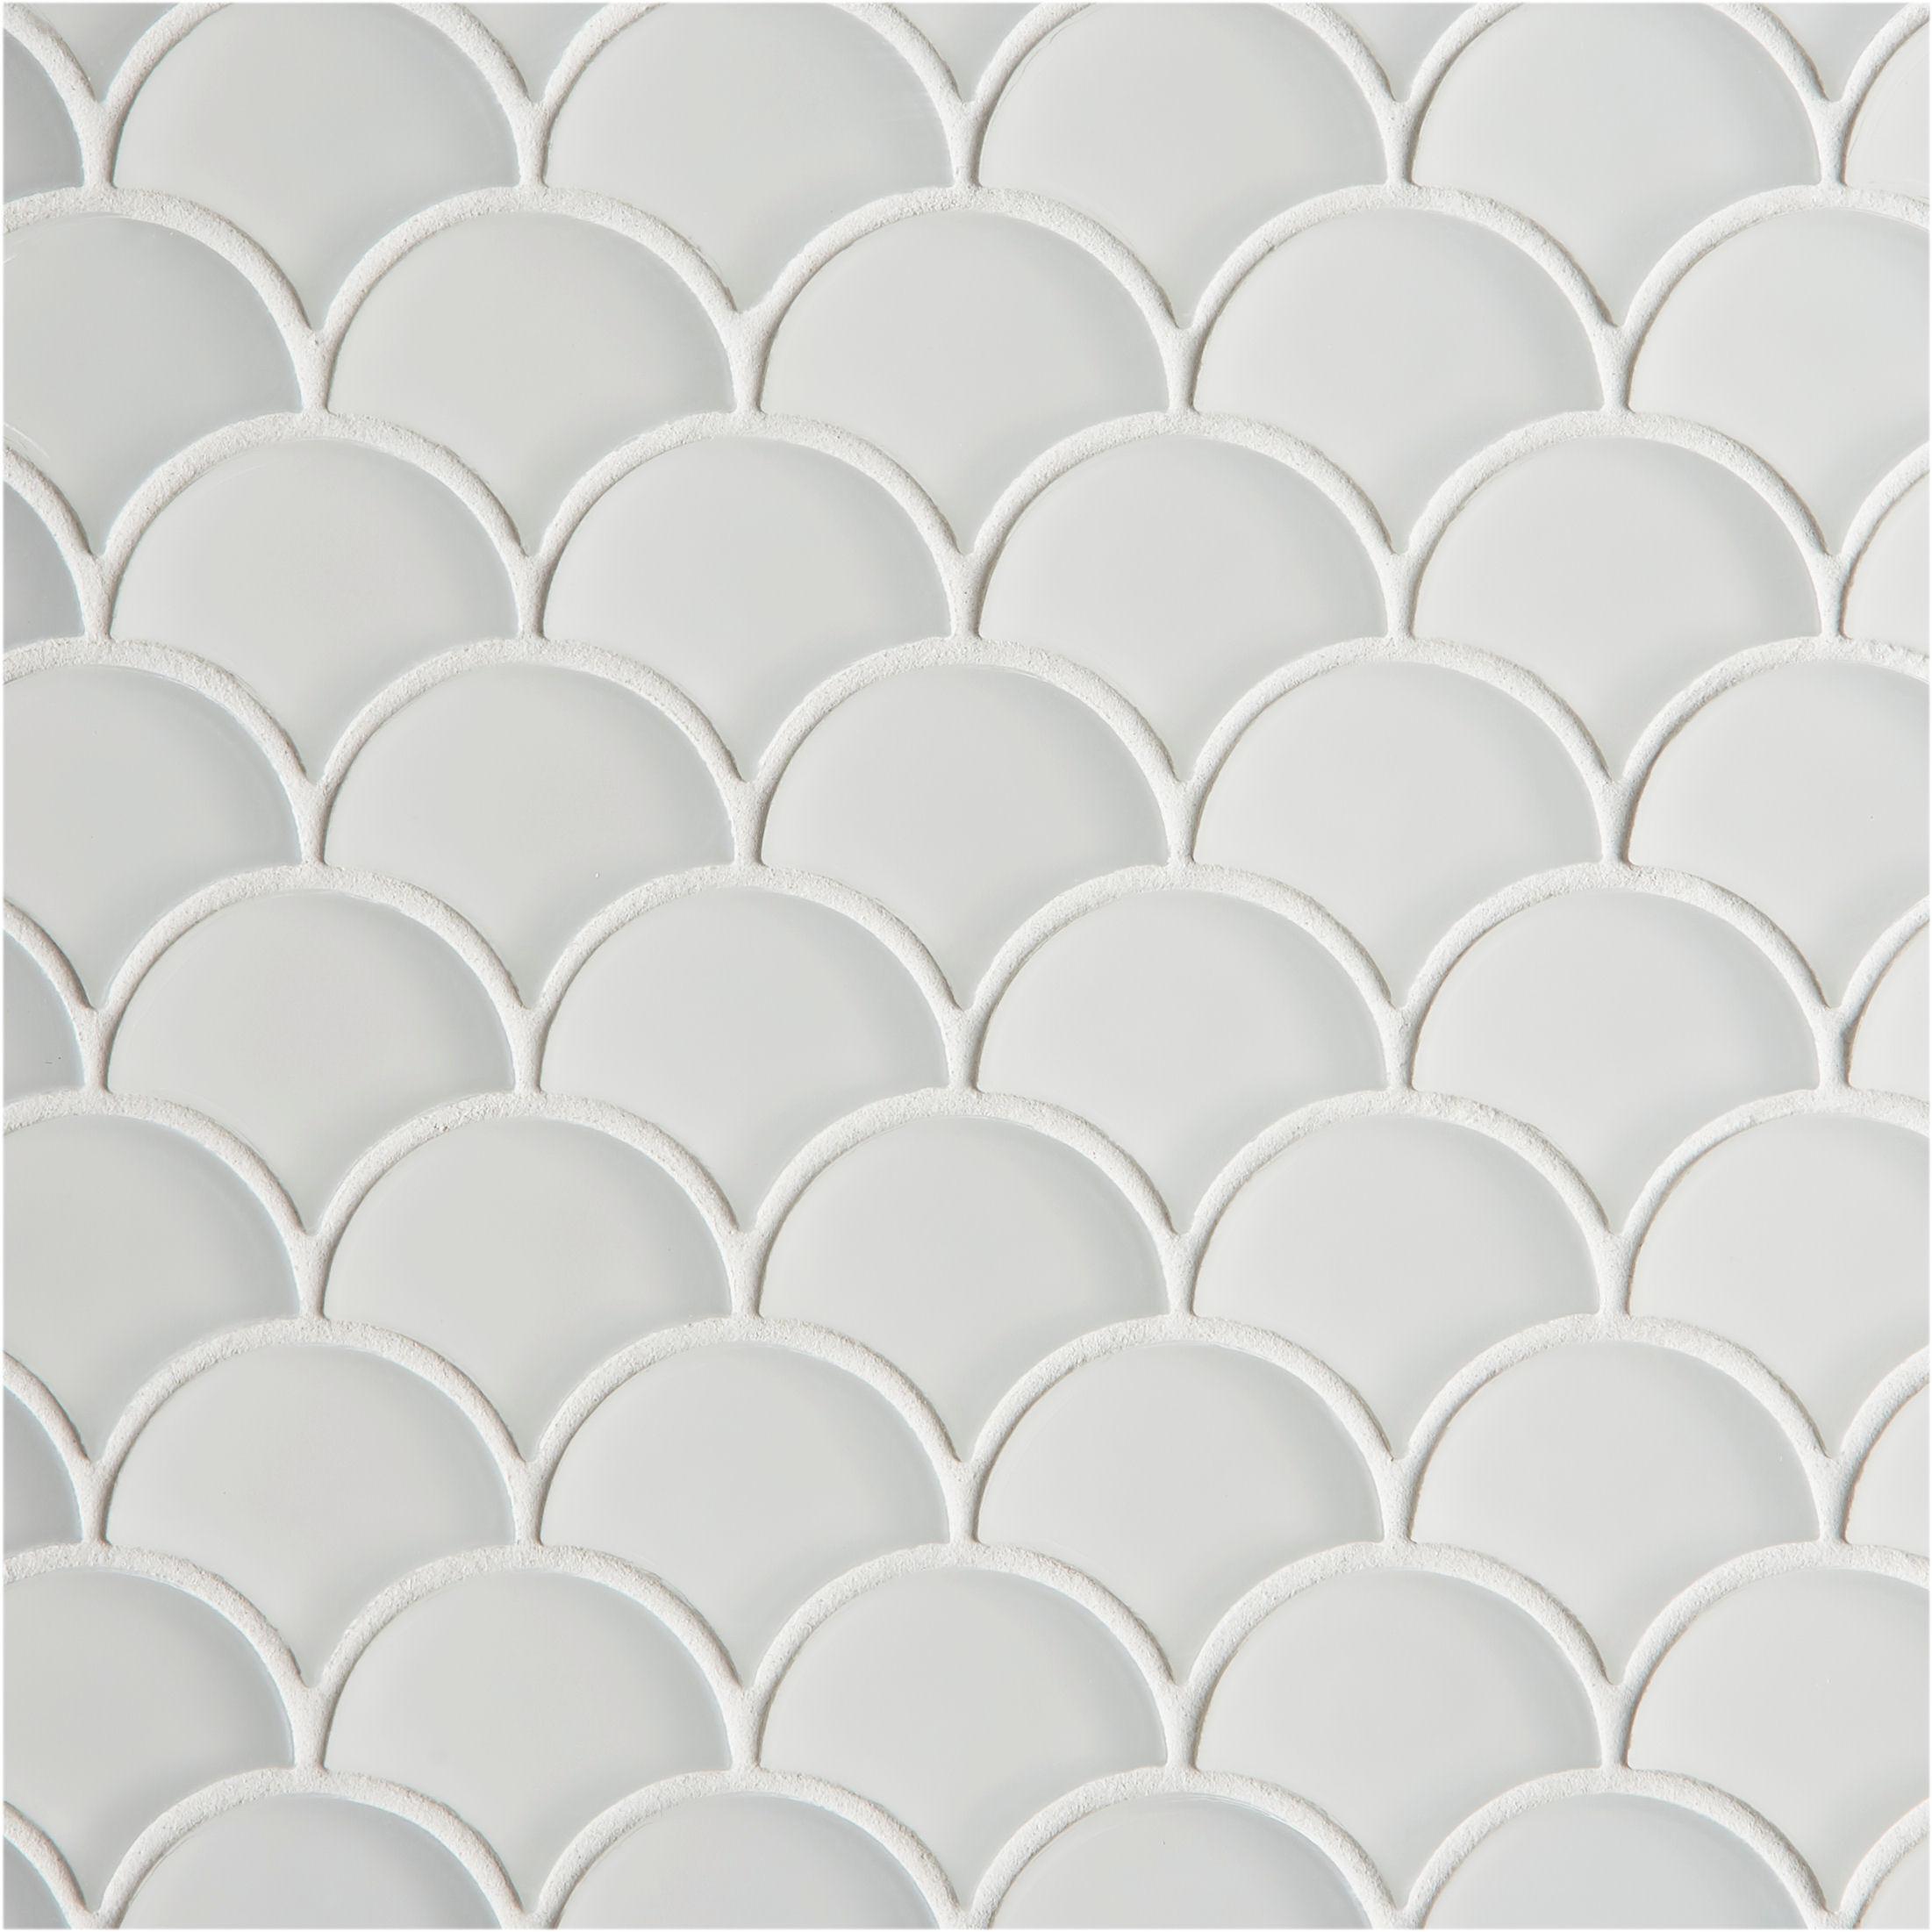 Glacier White Gl Scallop Mosaic